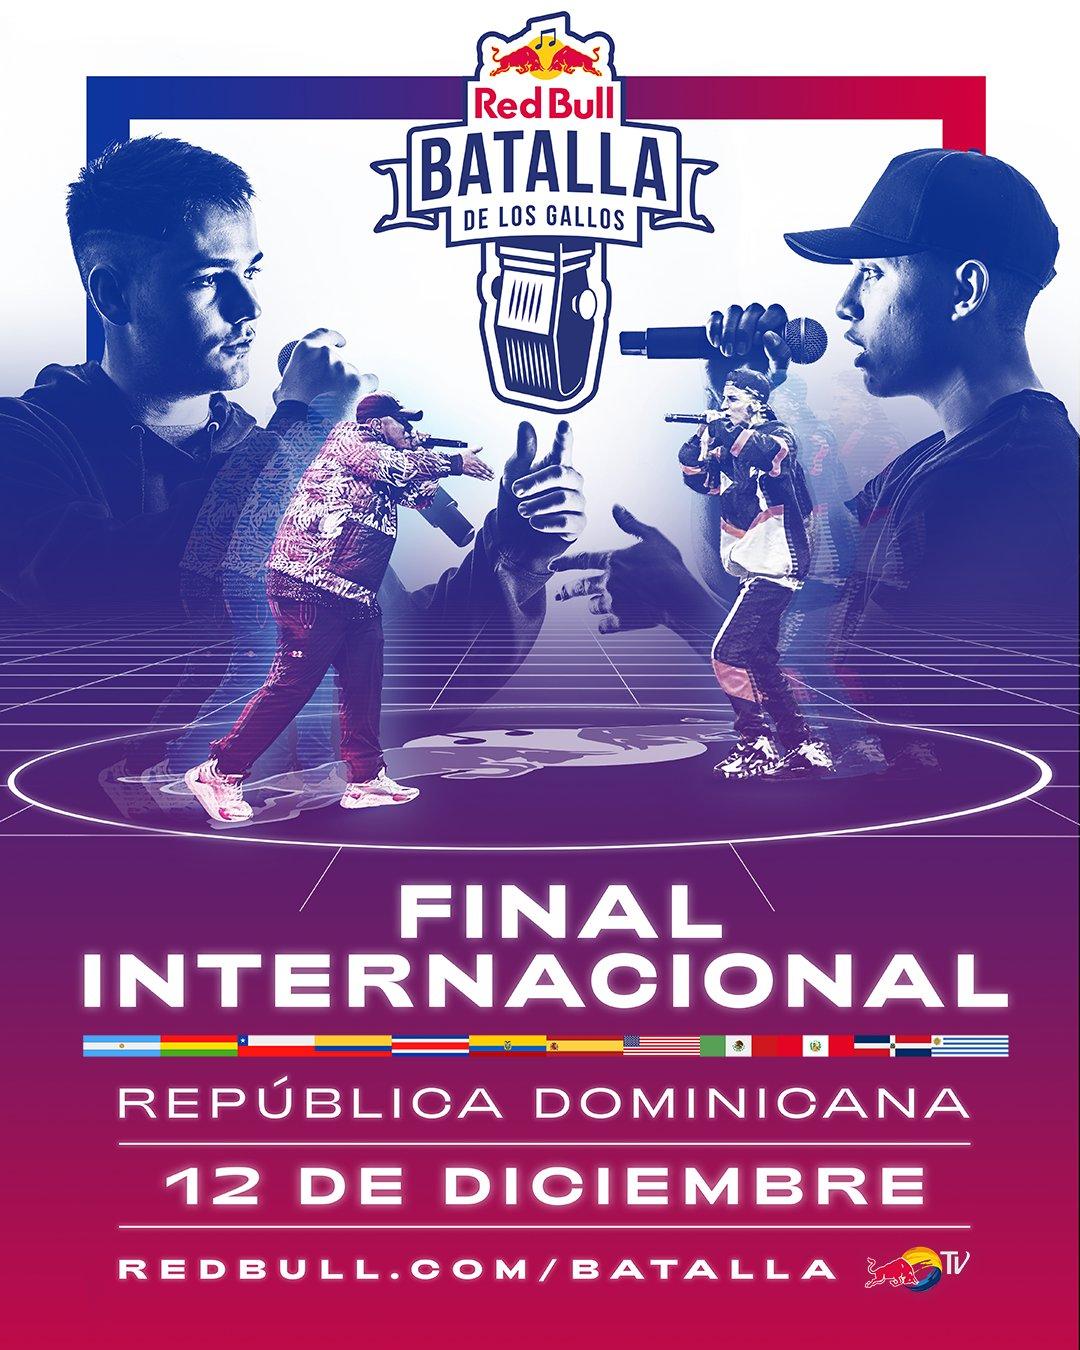 LA FINAL INTERNACIONAL 2020 SERÁ EN REPÚBLICA DOMINICANA